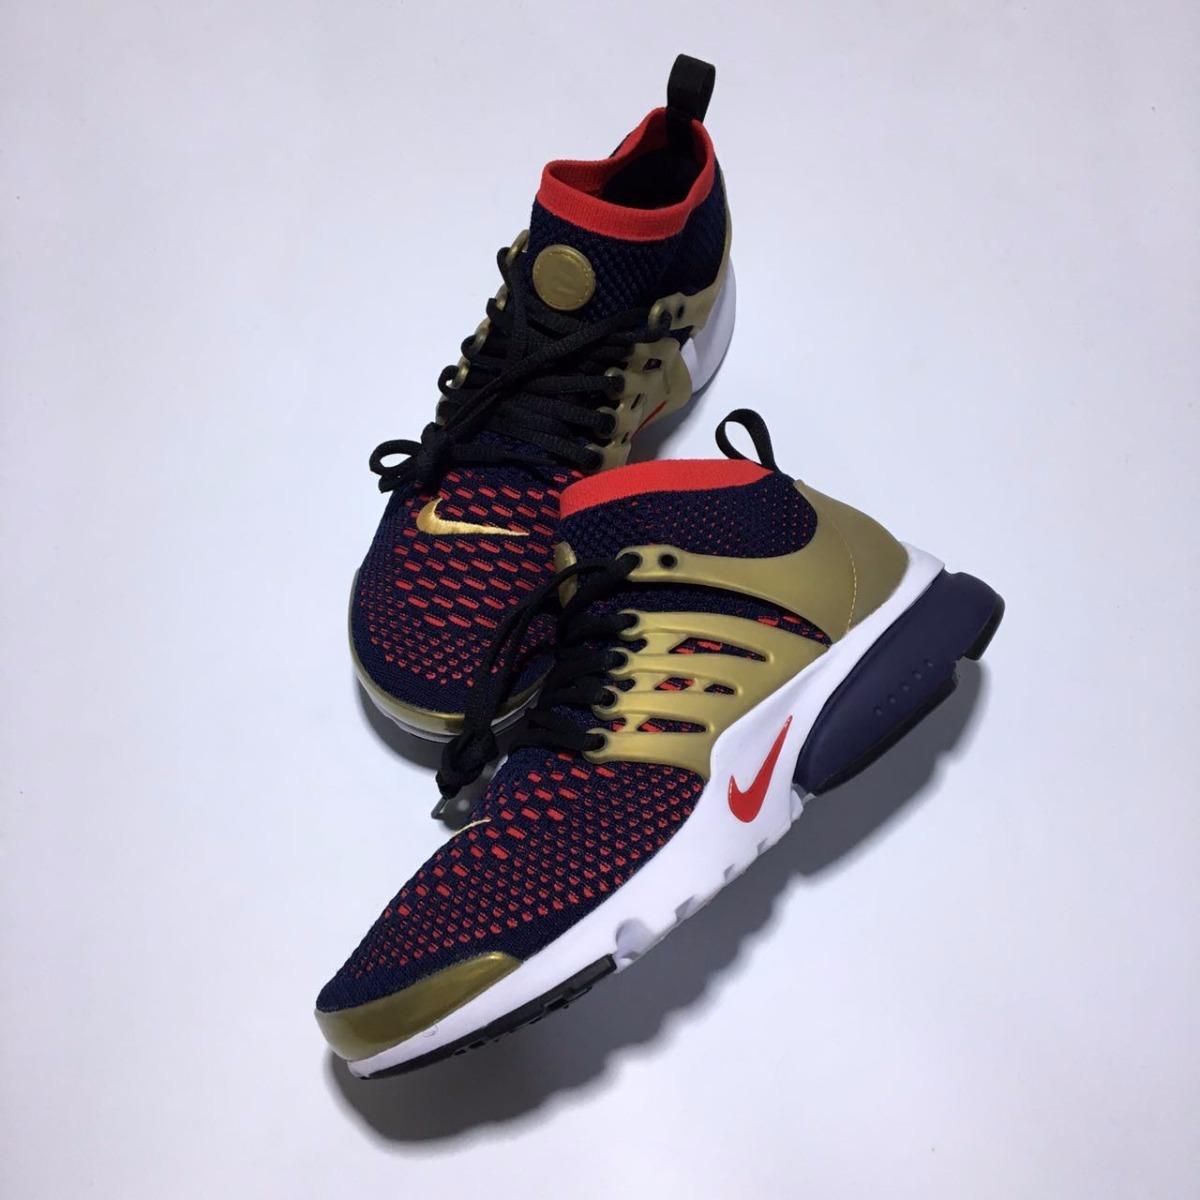 8c0a86de01508 ... promo code zapatillas nike air presto flyknit ultra gold. cargando zoom.  a2bcf 7d763